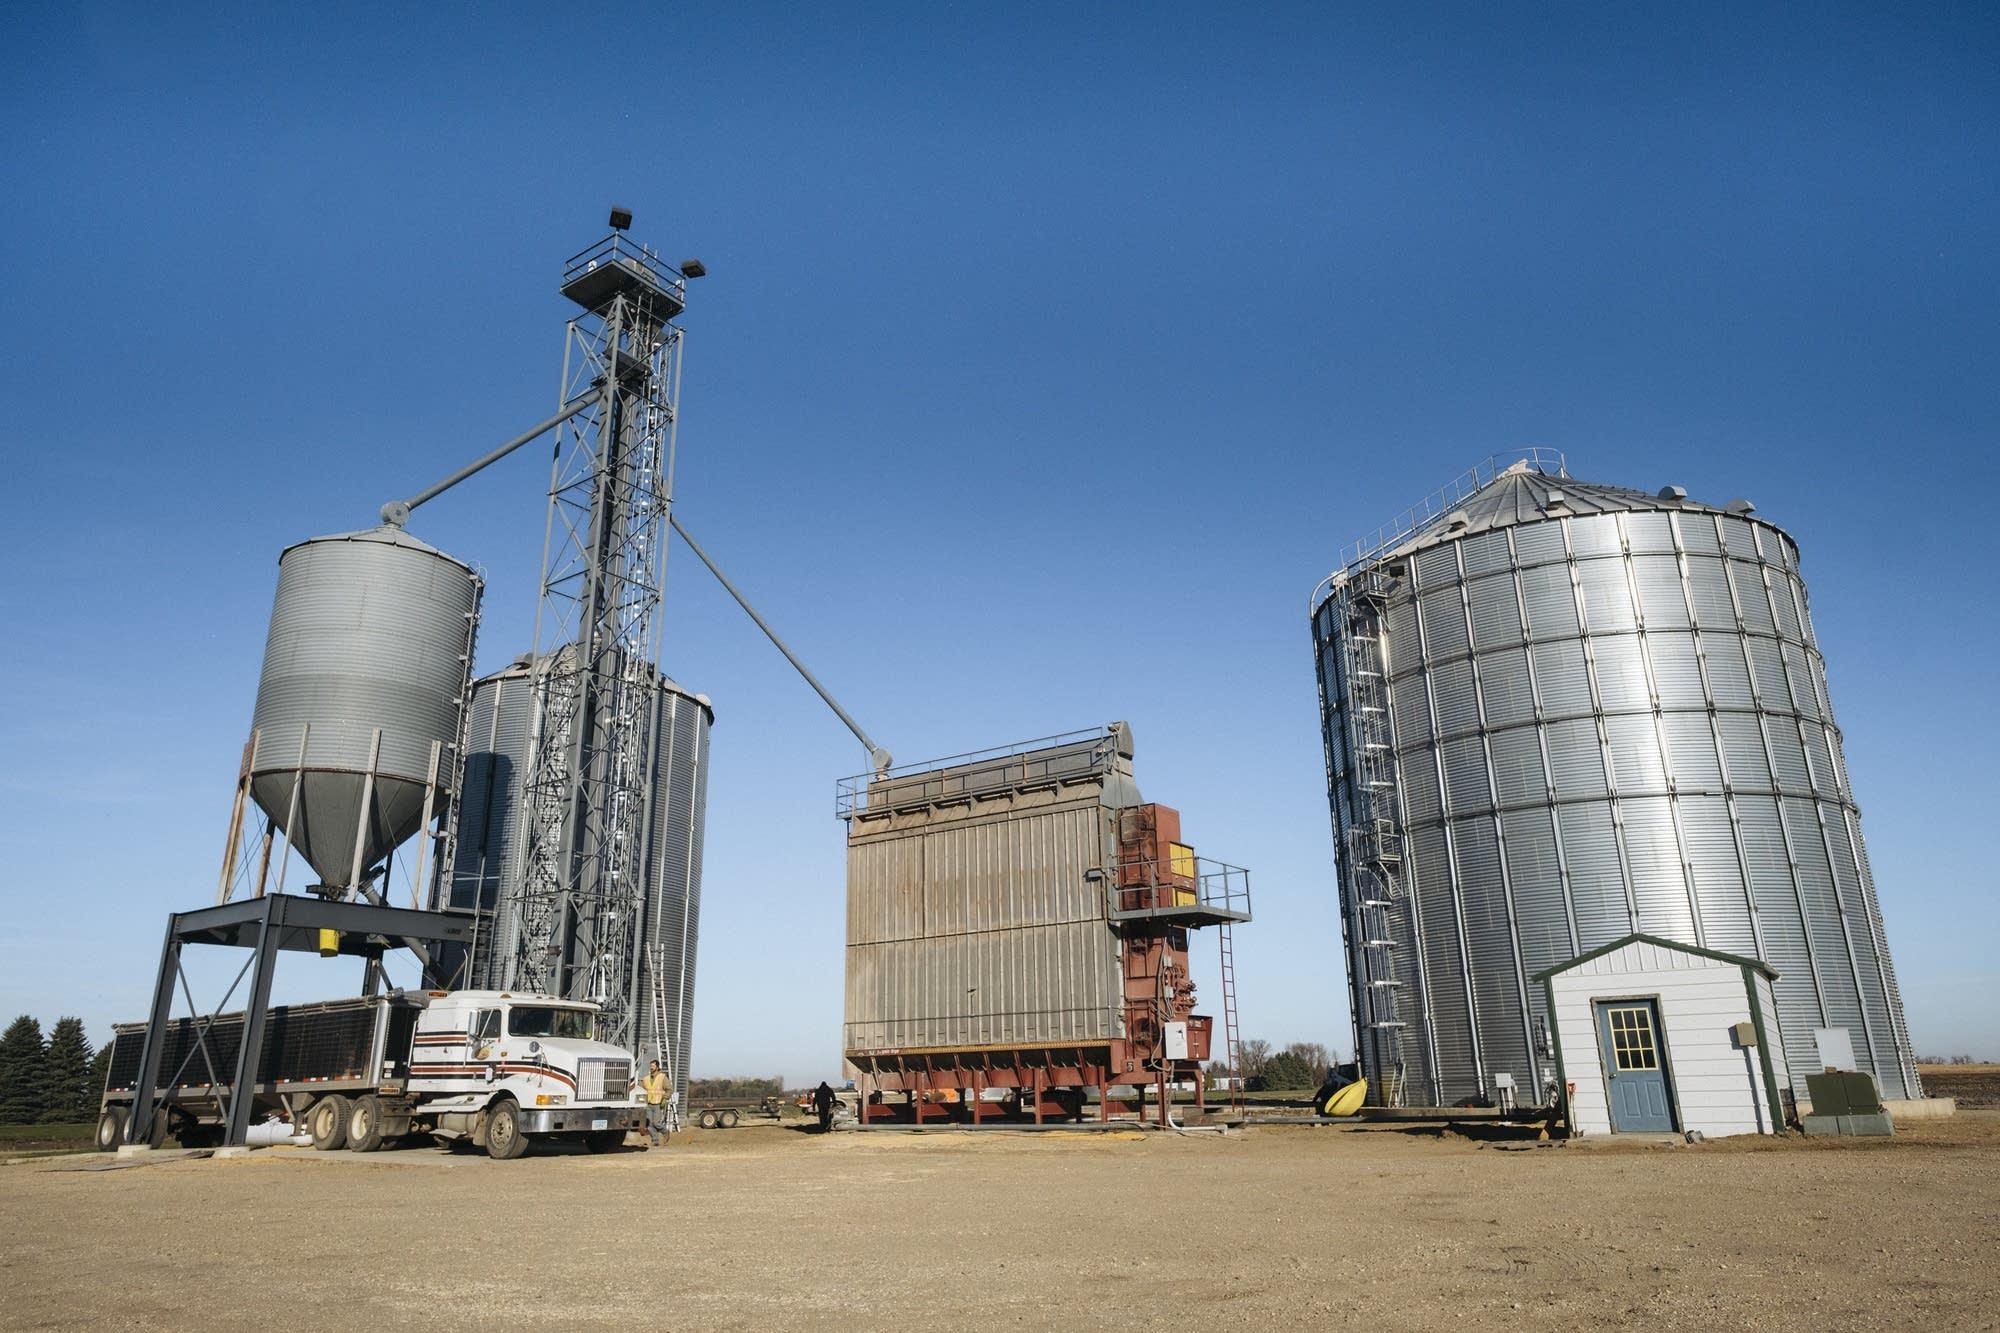 Sean Collins unloads a semi truck full of corn.